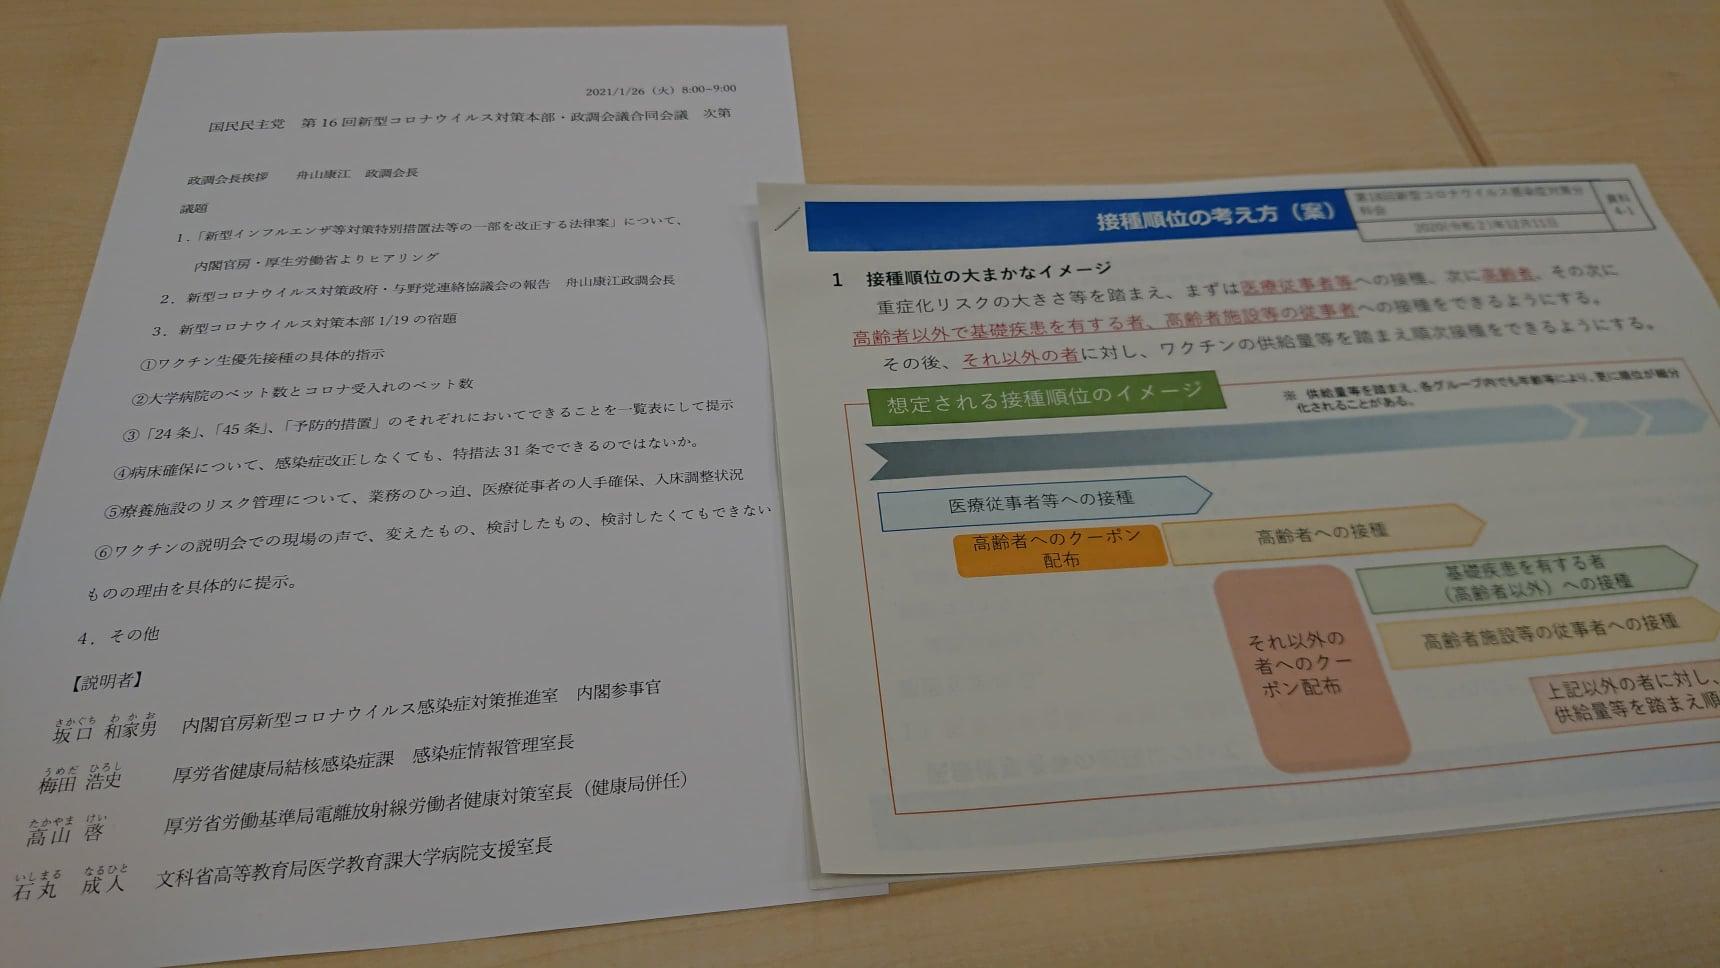 新型コロナウイルスワクチン 接種順位の考え方(案)01